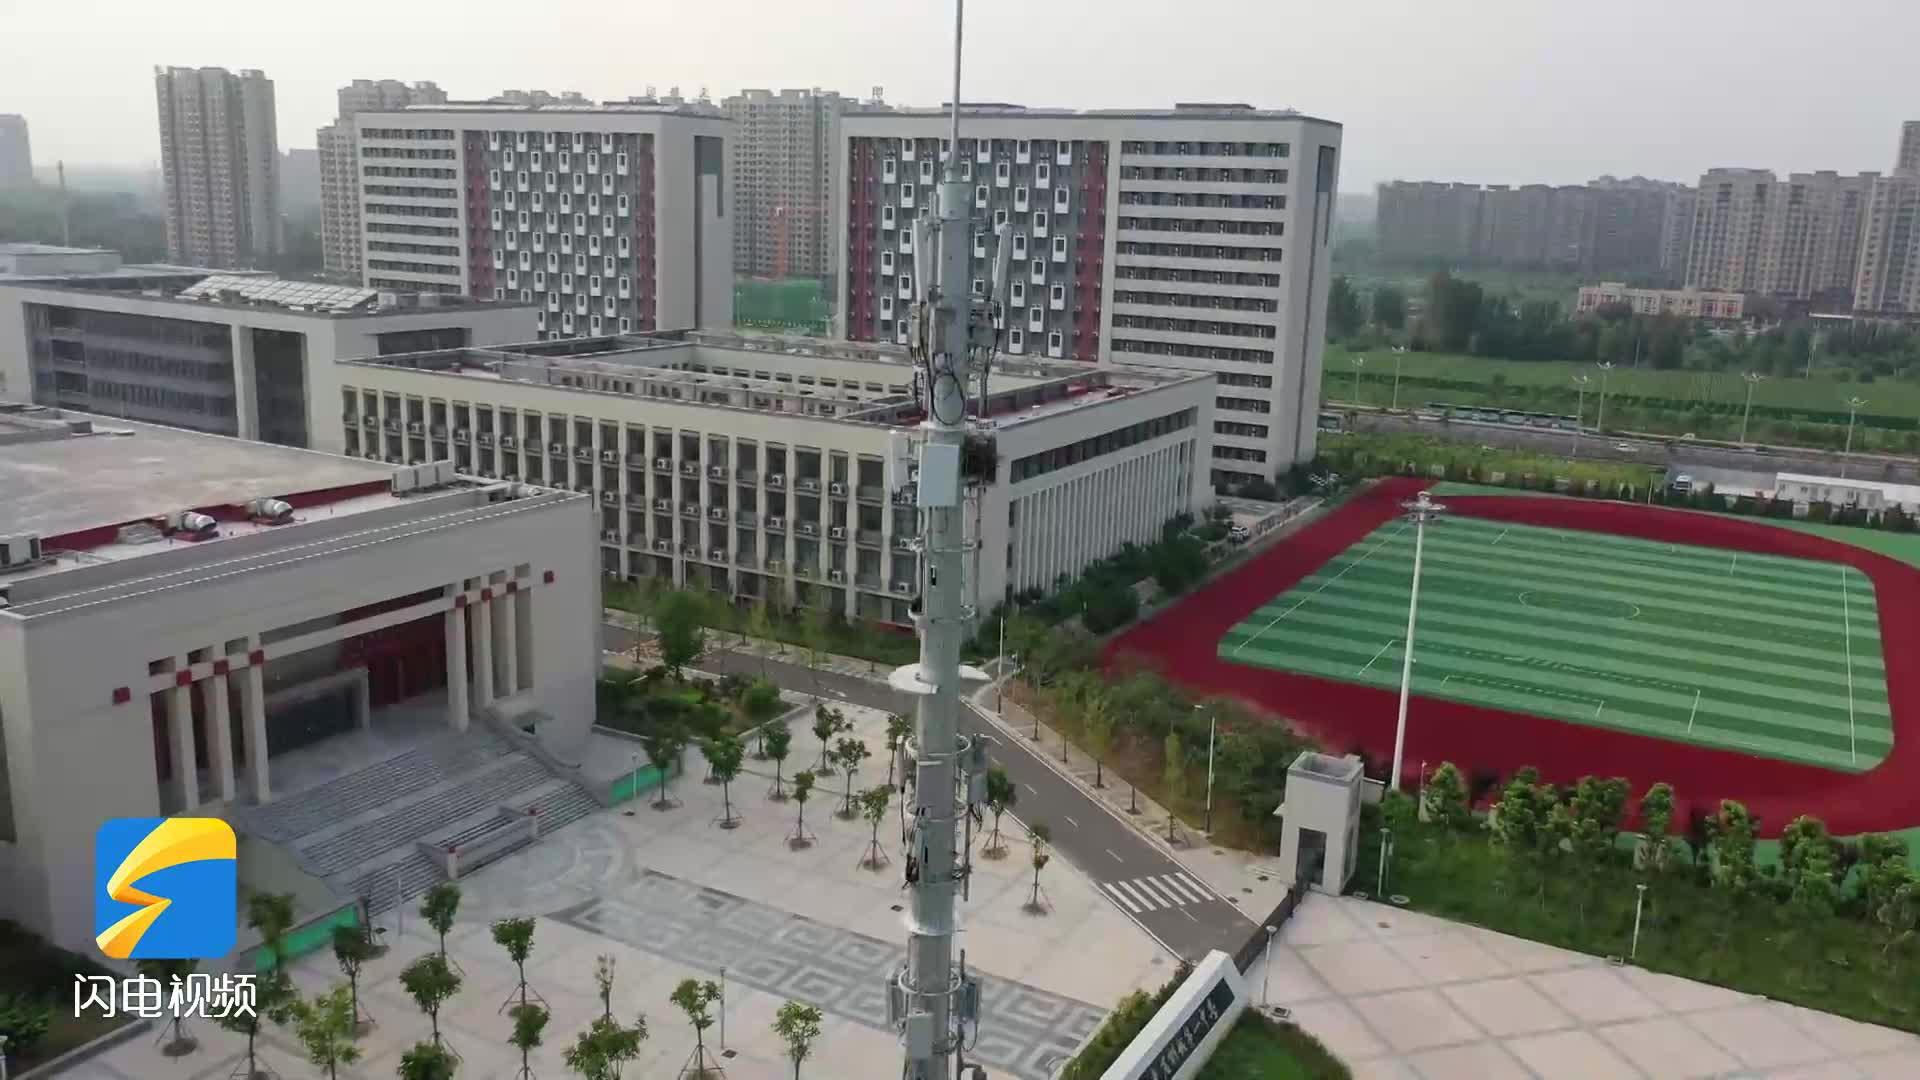 问政山东|建好的5G基站迟迟通不了电 聊城江北水城旅游度假区:3天内解决